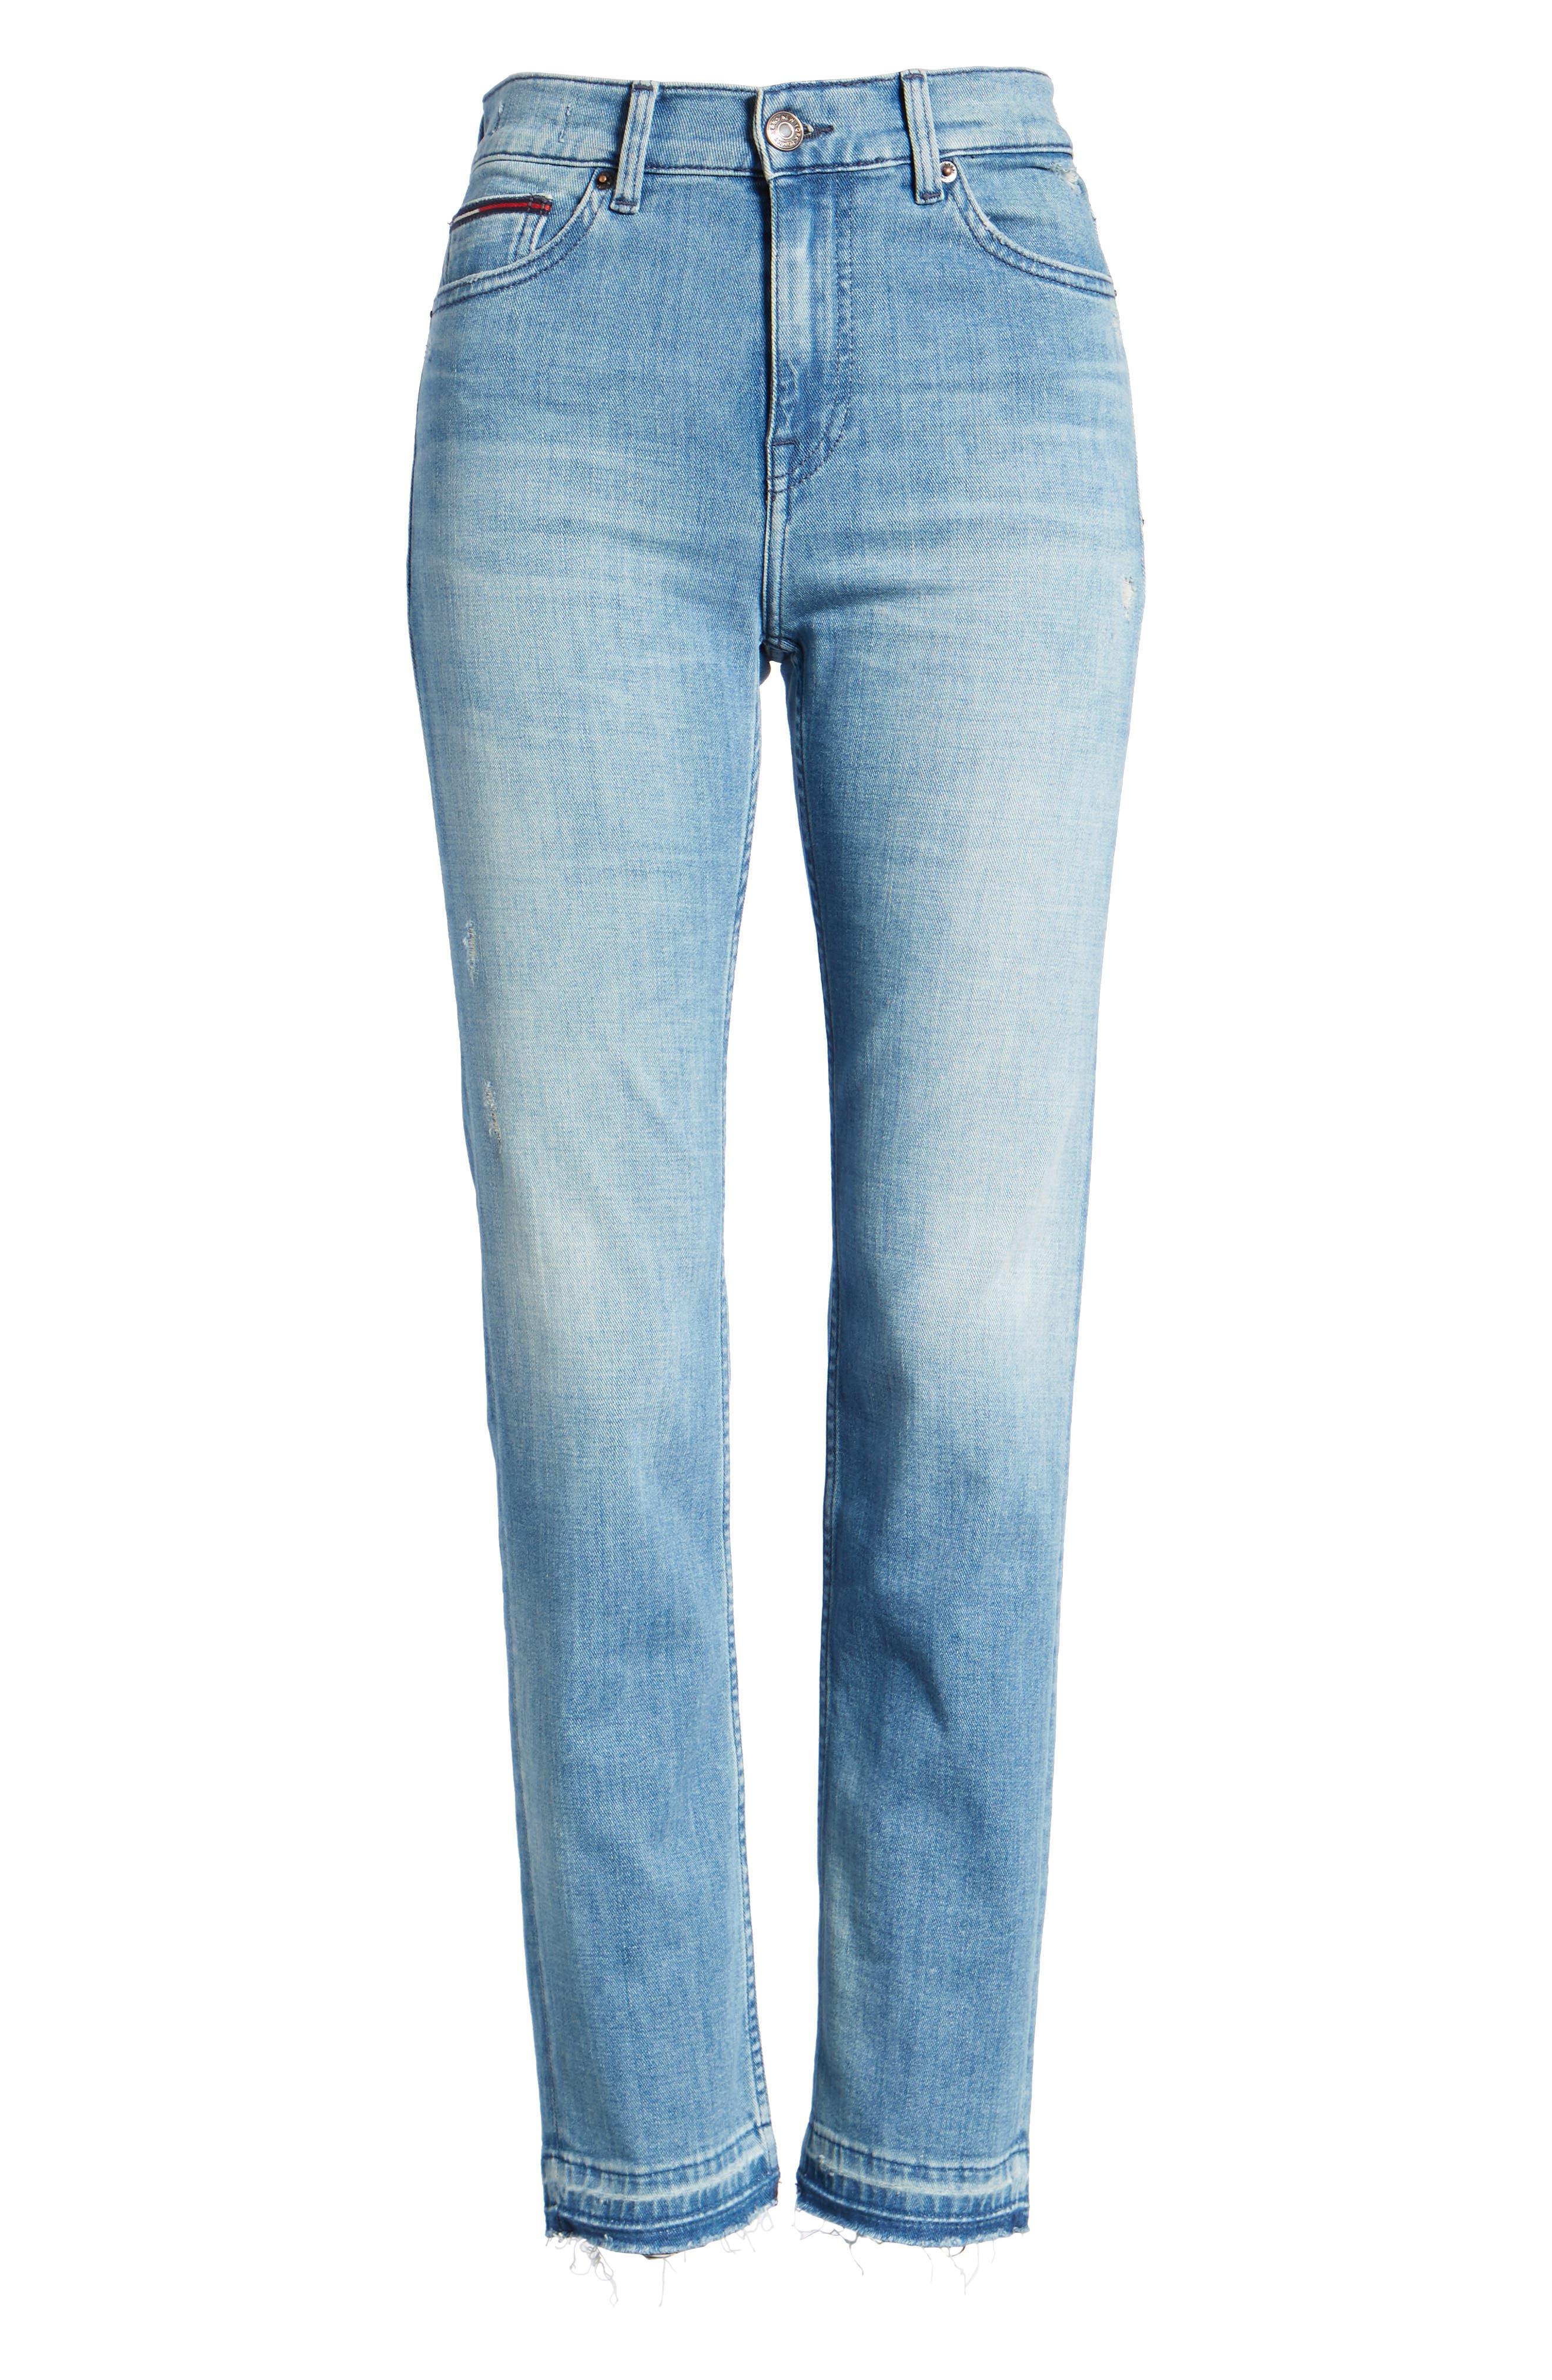 Izzy High Waist Slim Leg Jeans,                             Alternate thumbnail 7, color,                             Denver Light Blue Comfort